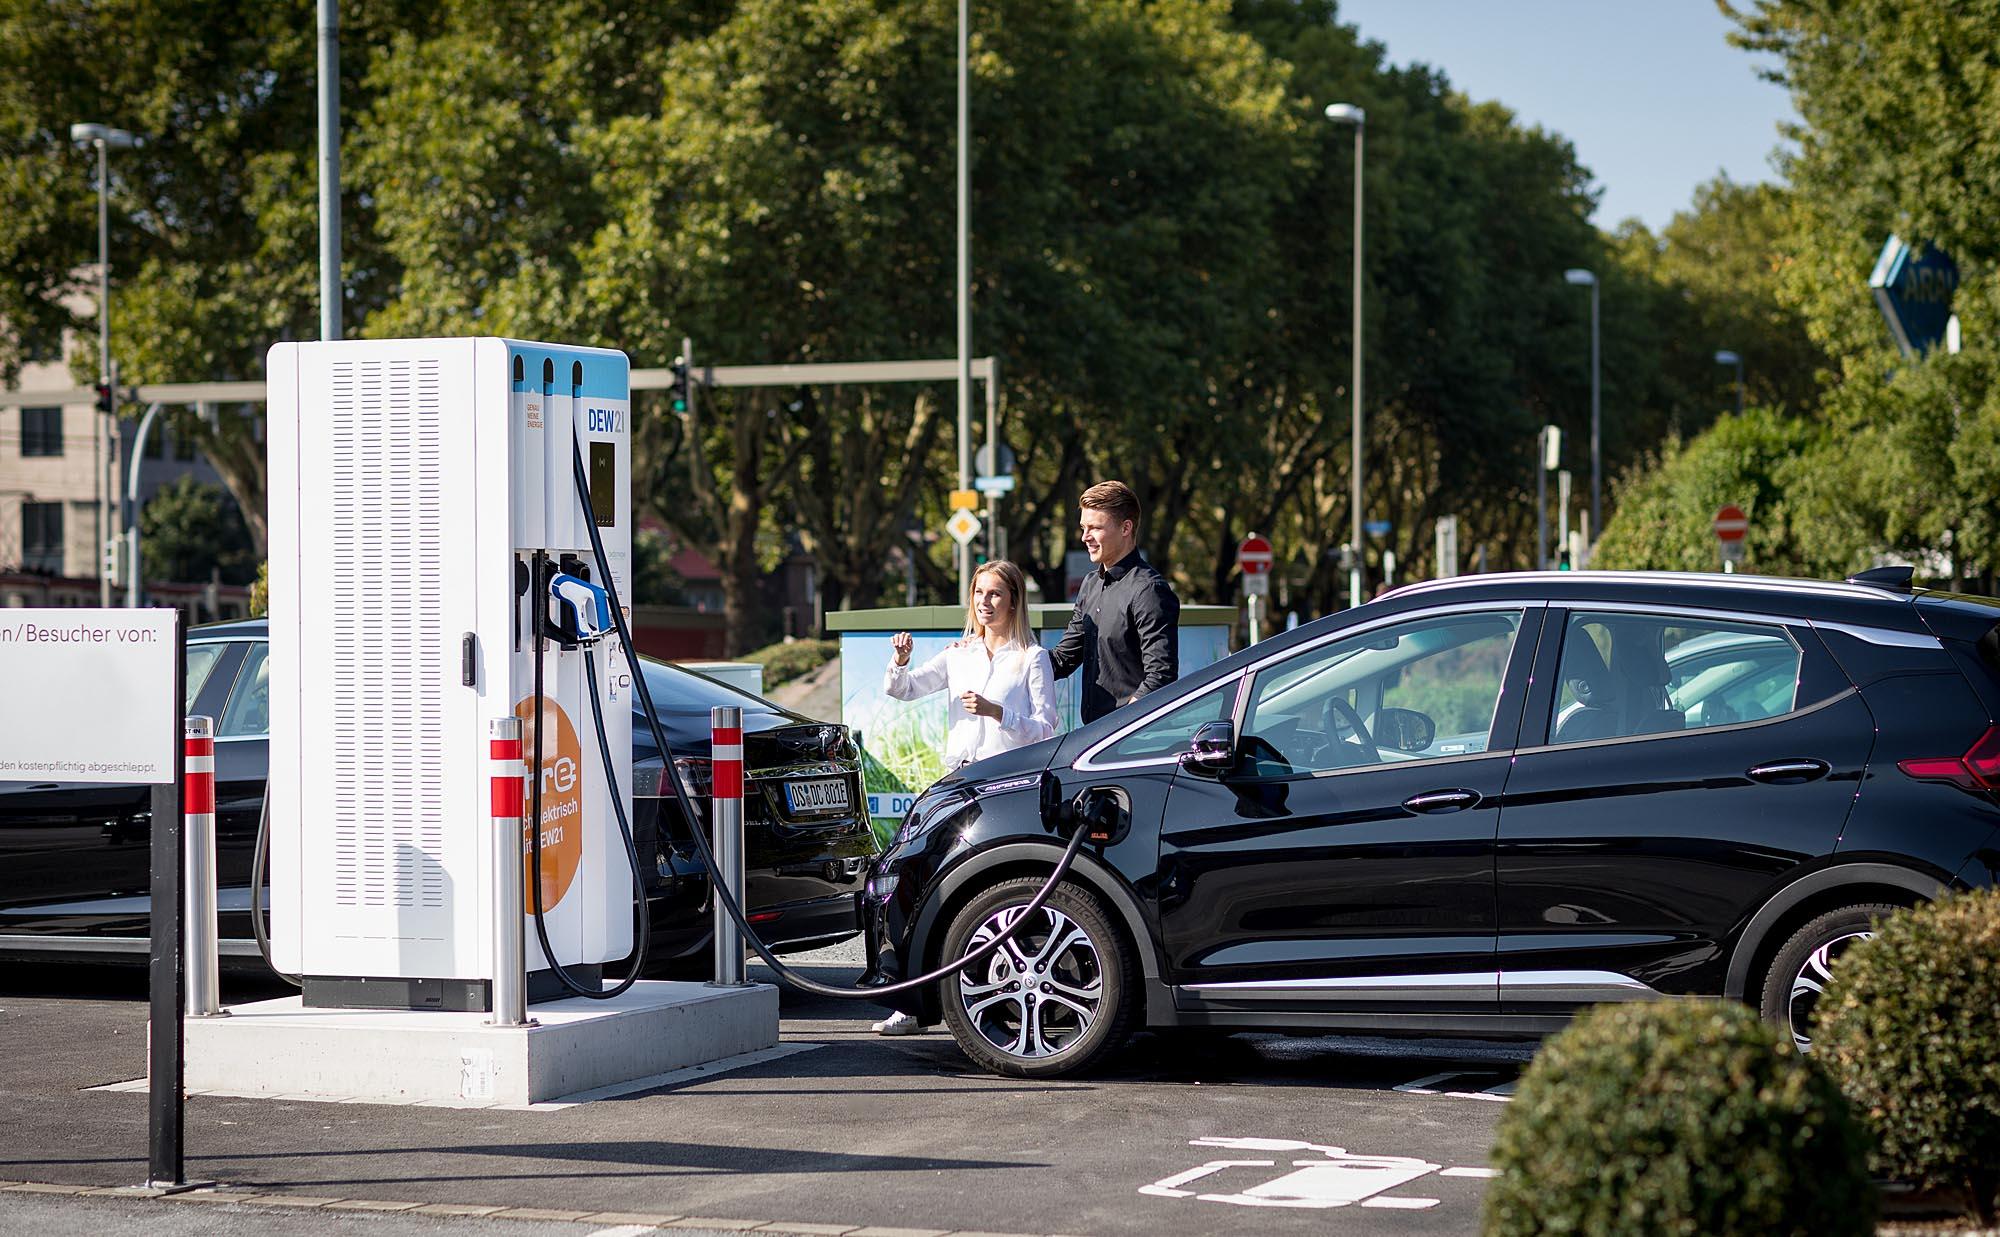 Dortmund,19.09.2018 Ladesaeule für Elektro-Fahrzeuge am Westfalendamm der DEW21 mit einer Leistung 245kW